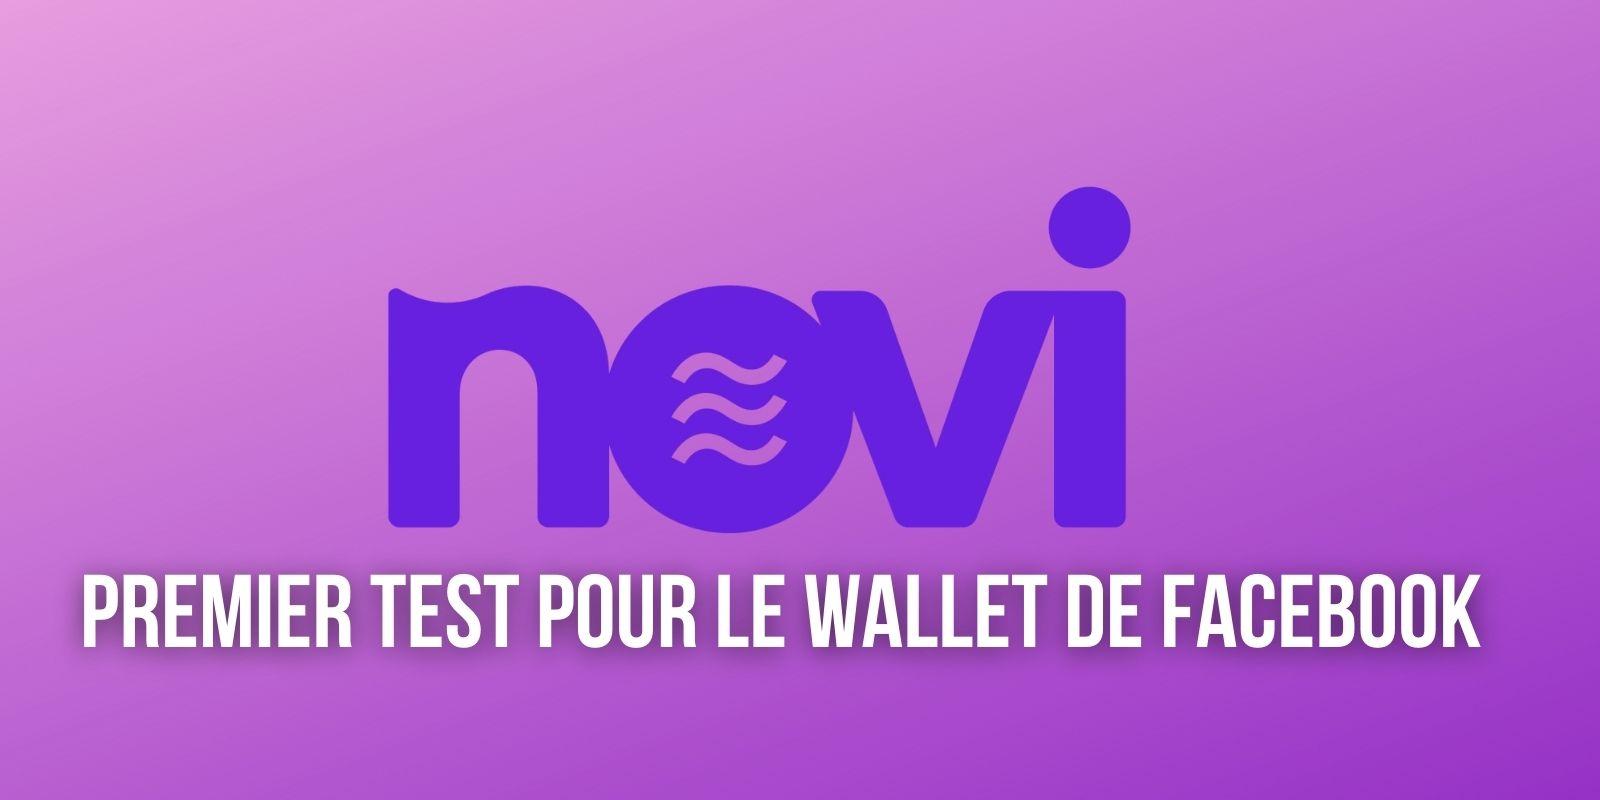 Facebook annonce un premier test du wallet Novi malgré la pression des législateurs